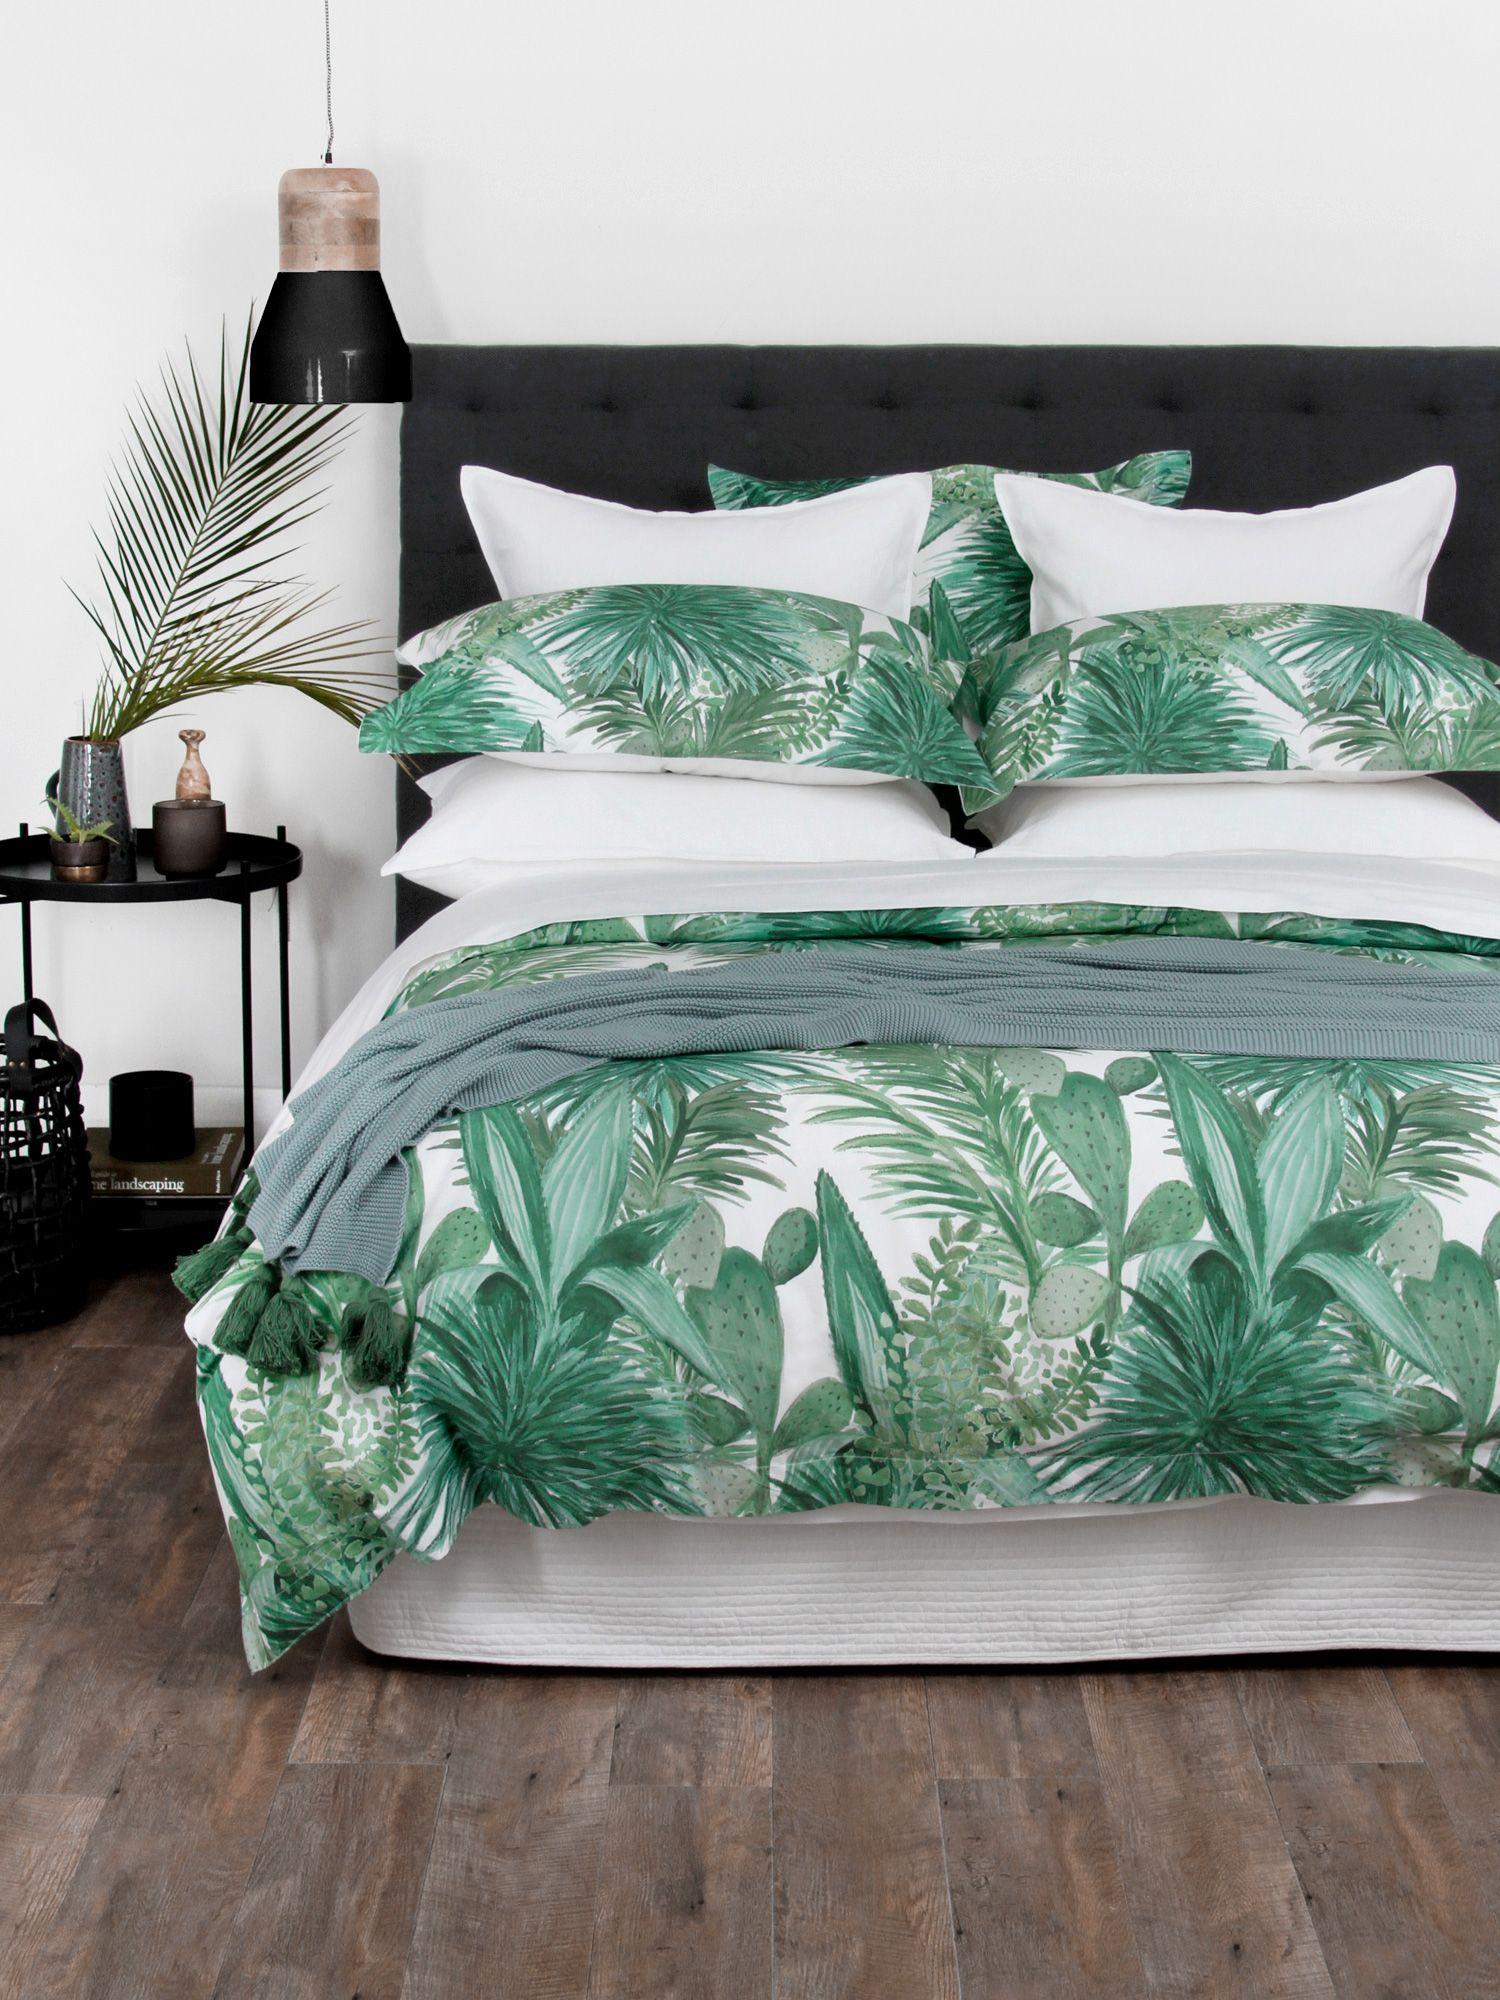 Cactus Bay Duvet Cover Set Duvet cover sets, Green duvet